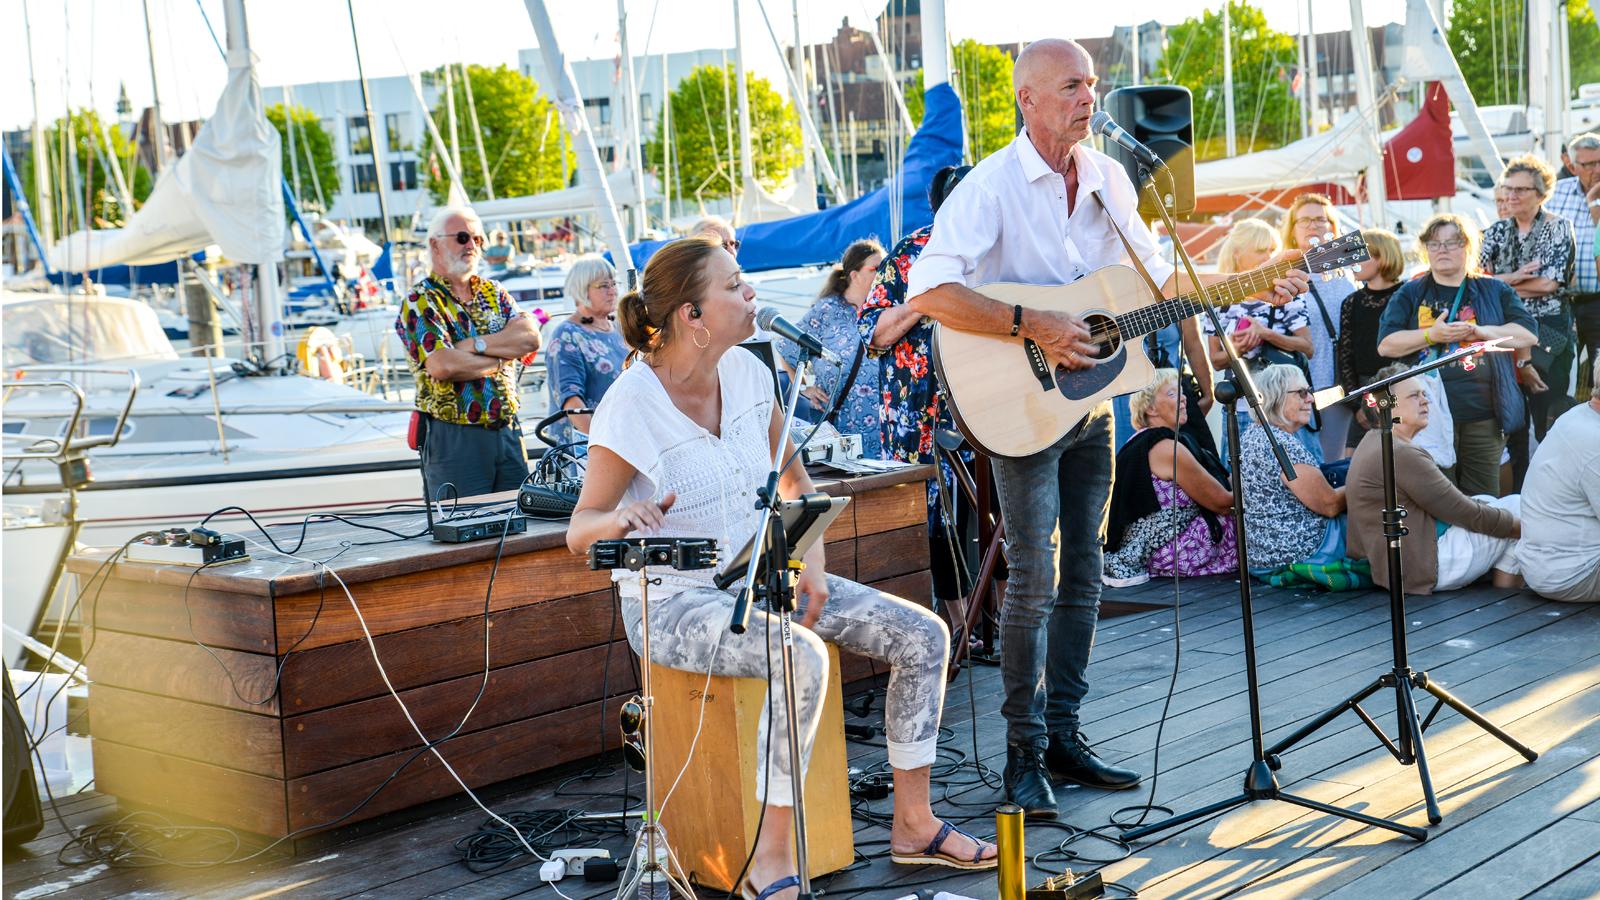 800_5955 Elsborg-Maribo på bølgen